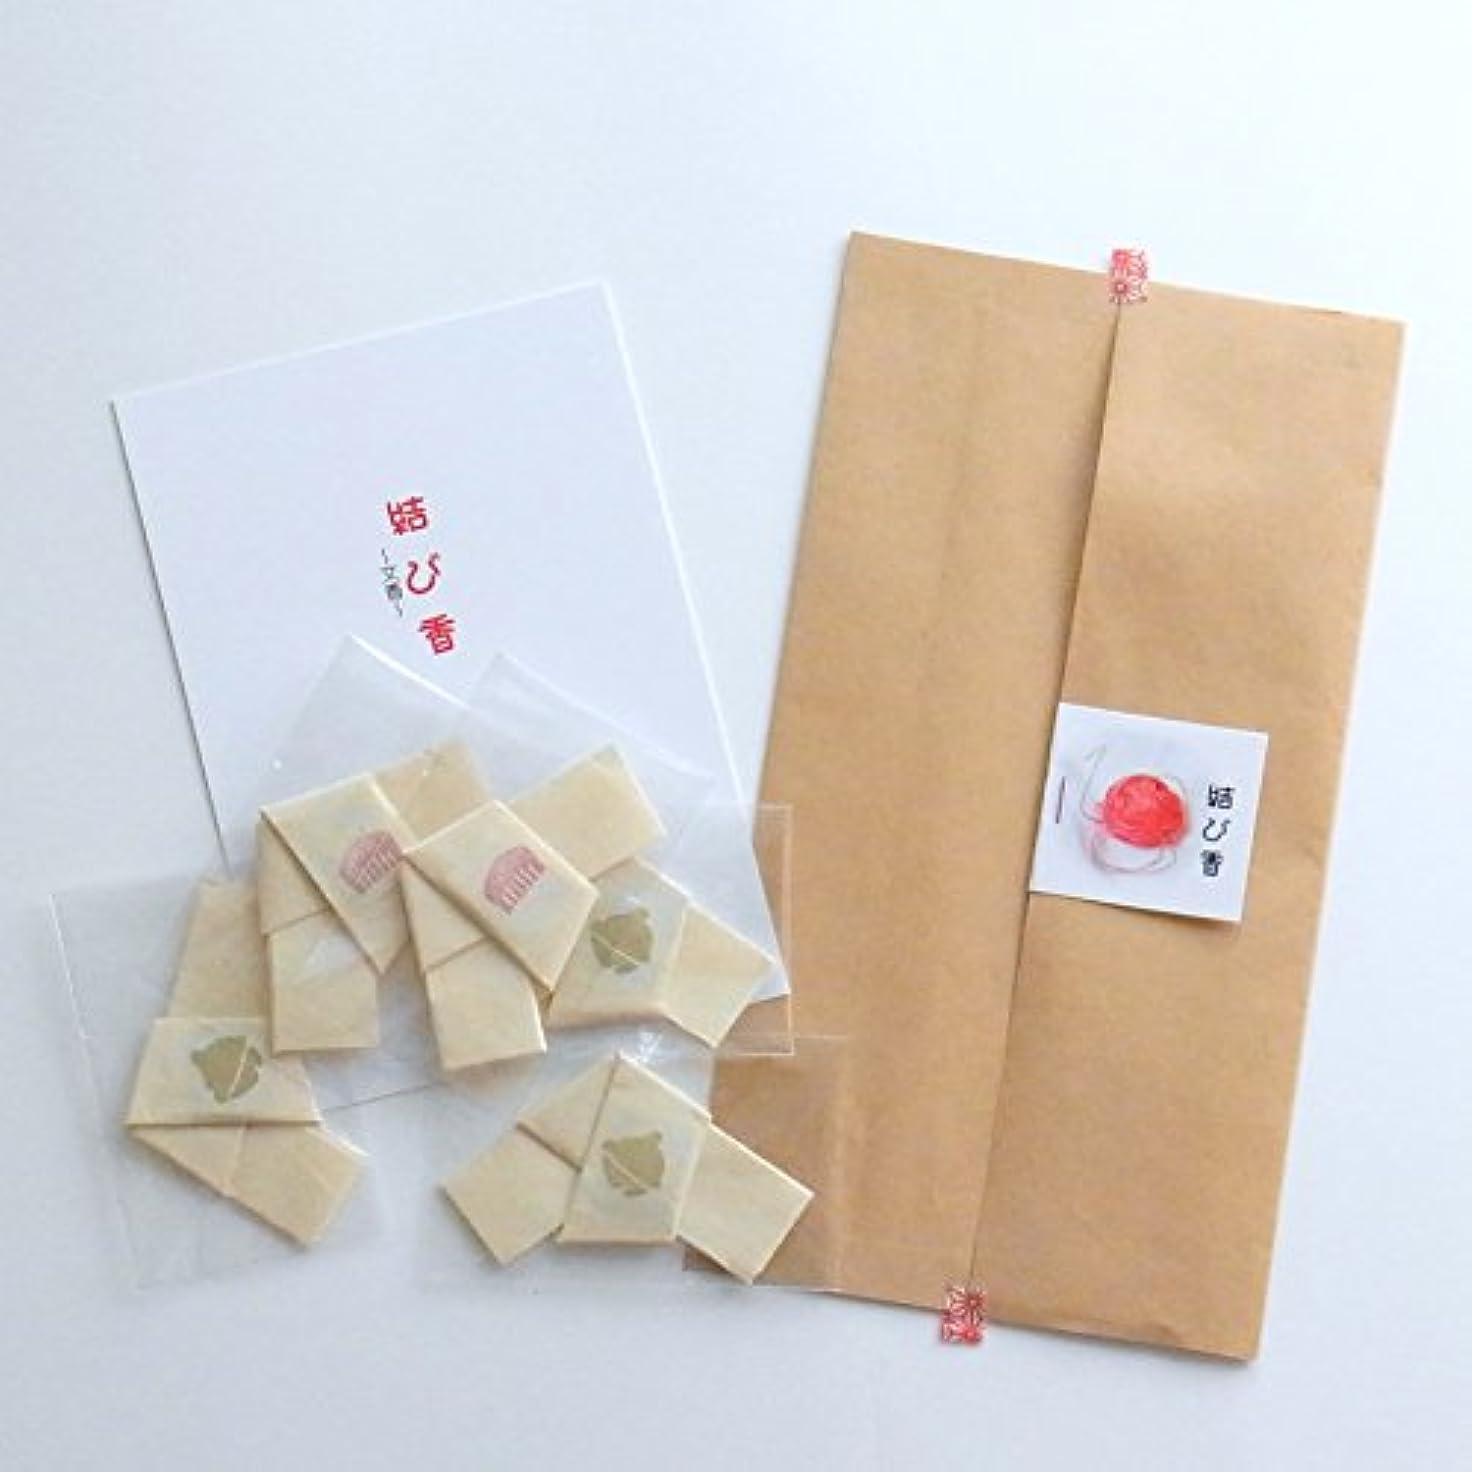 芸術切り離すできない手紙に添えたり、バッグにしのばせてご縁を結ぶ【結び香】